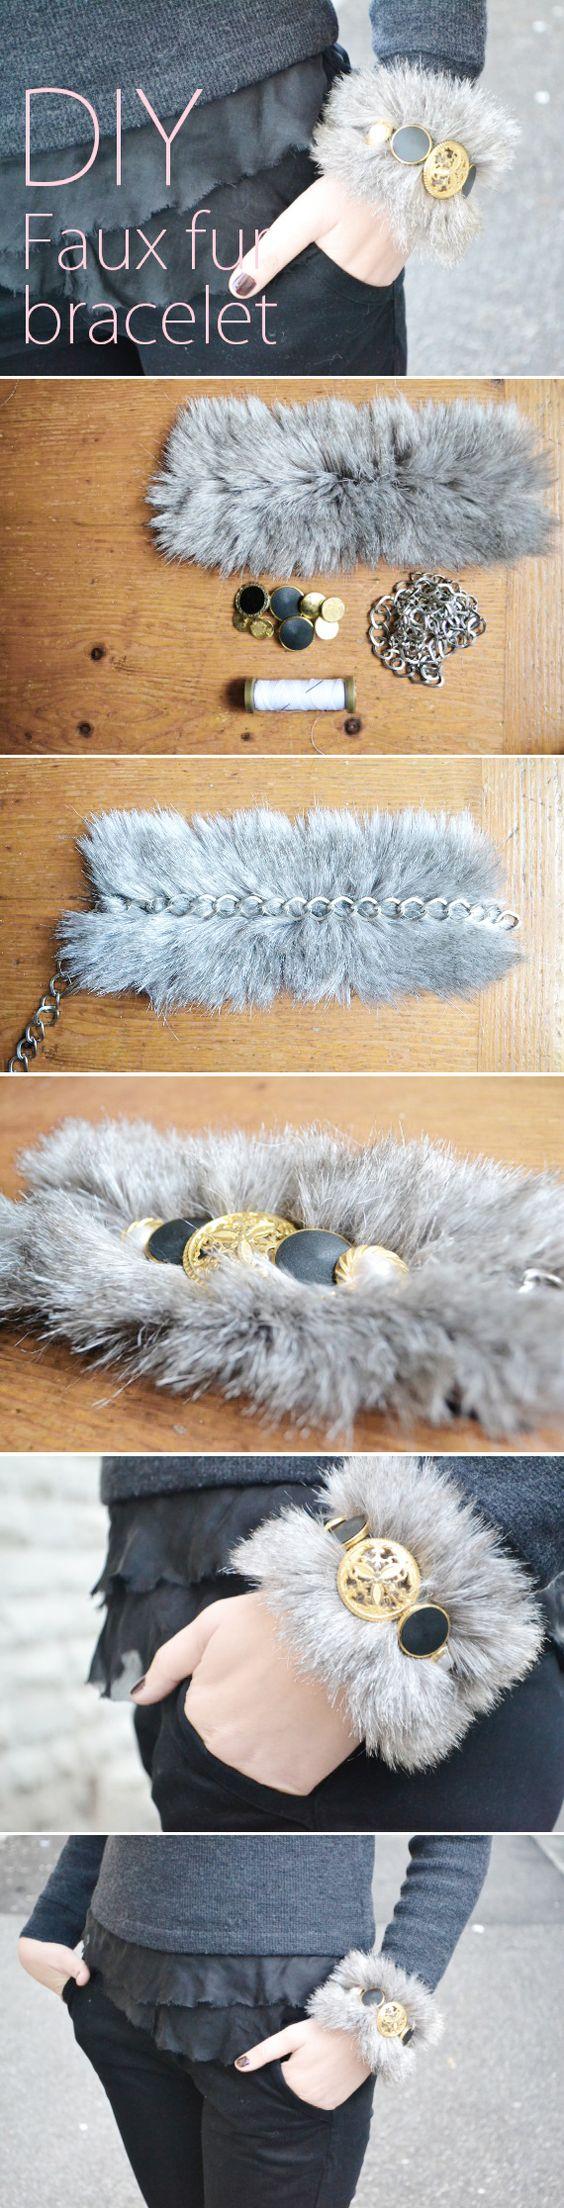 Faux fur and vintage buttons bracelet: